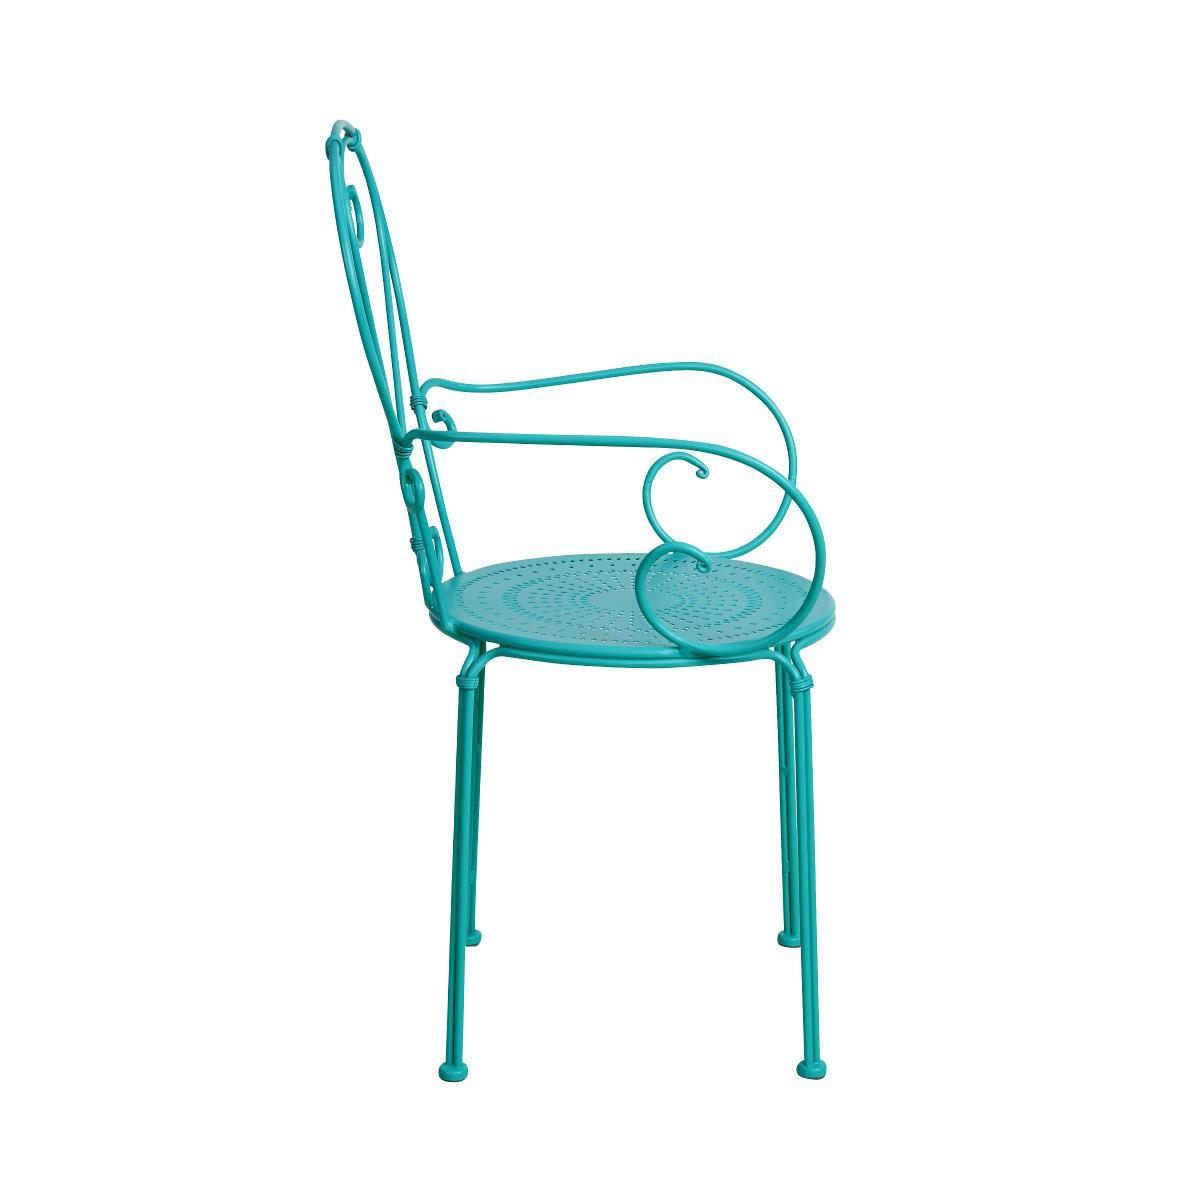 Bild 3 von Stuhl mit Armlehnen